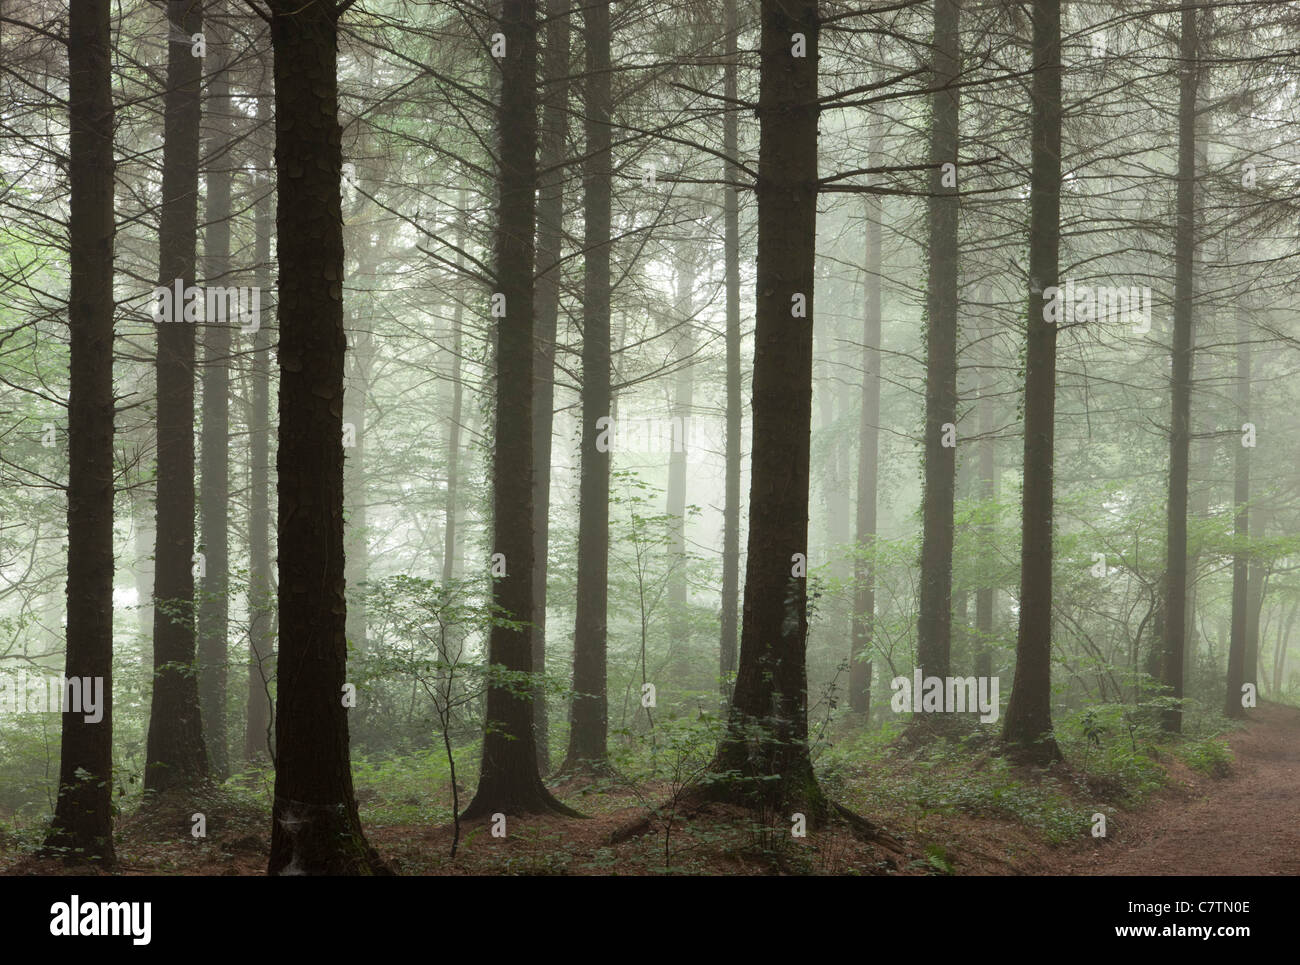 Nebbia di mattina in un bosco di pini, Morchard legno, Devon, Inghilterra. In estate (Luglio) 2011. Immagini Stock